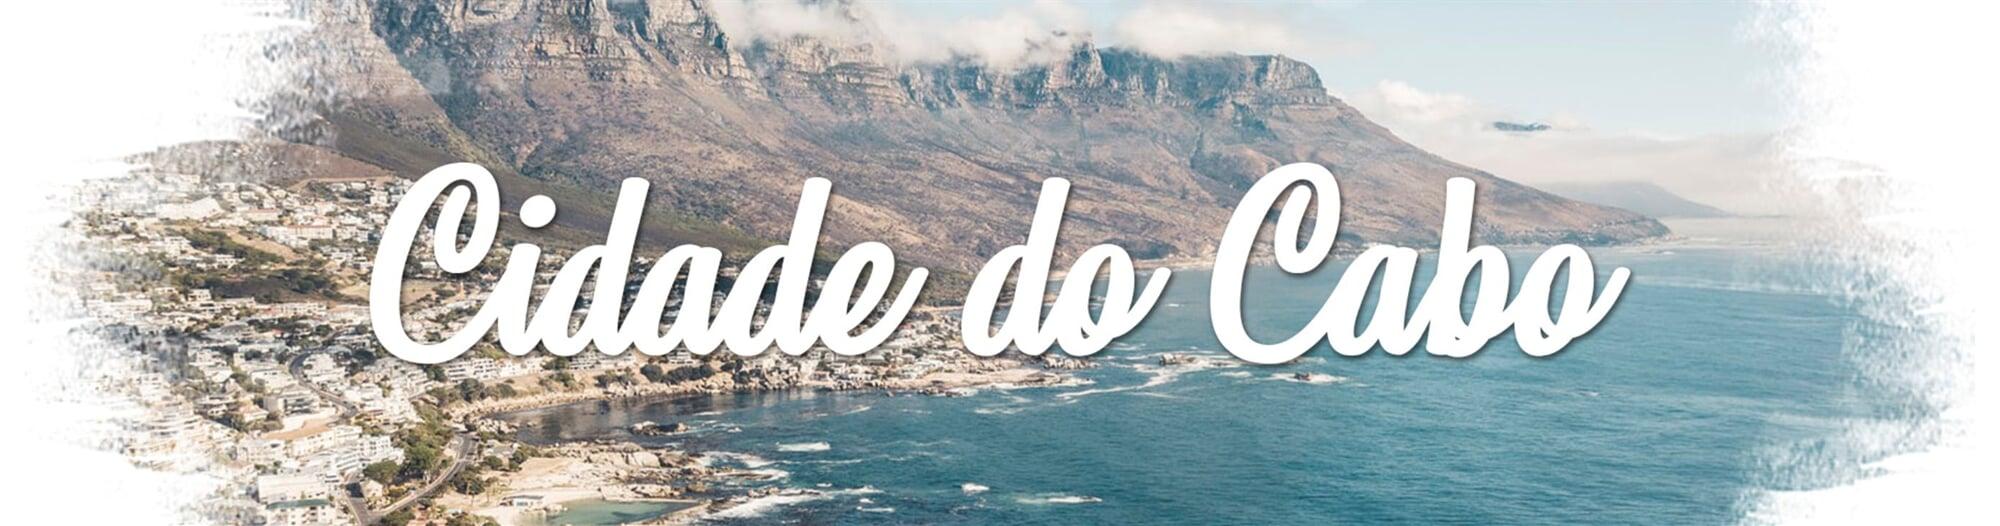 Faça intercâmbio na África do Sul com a Calamares!